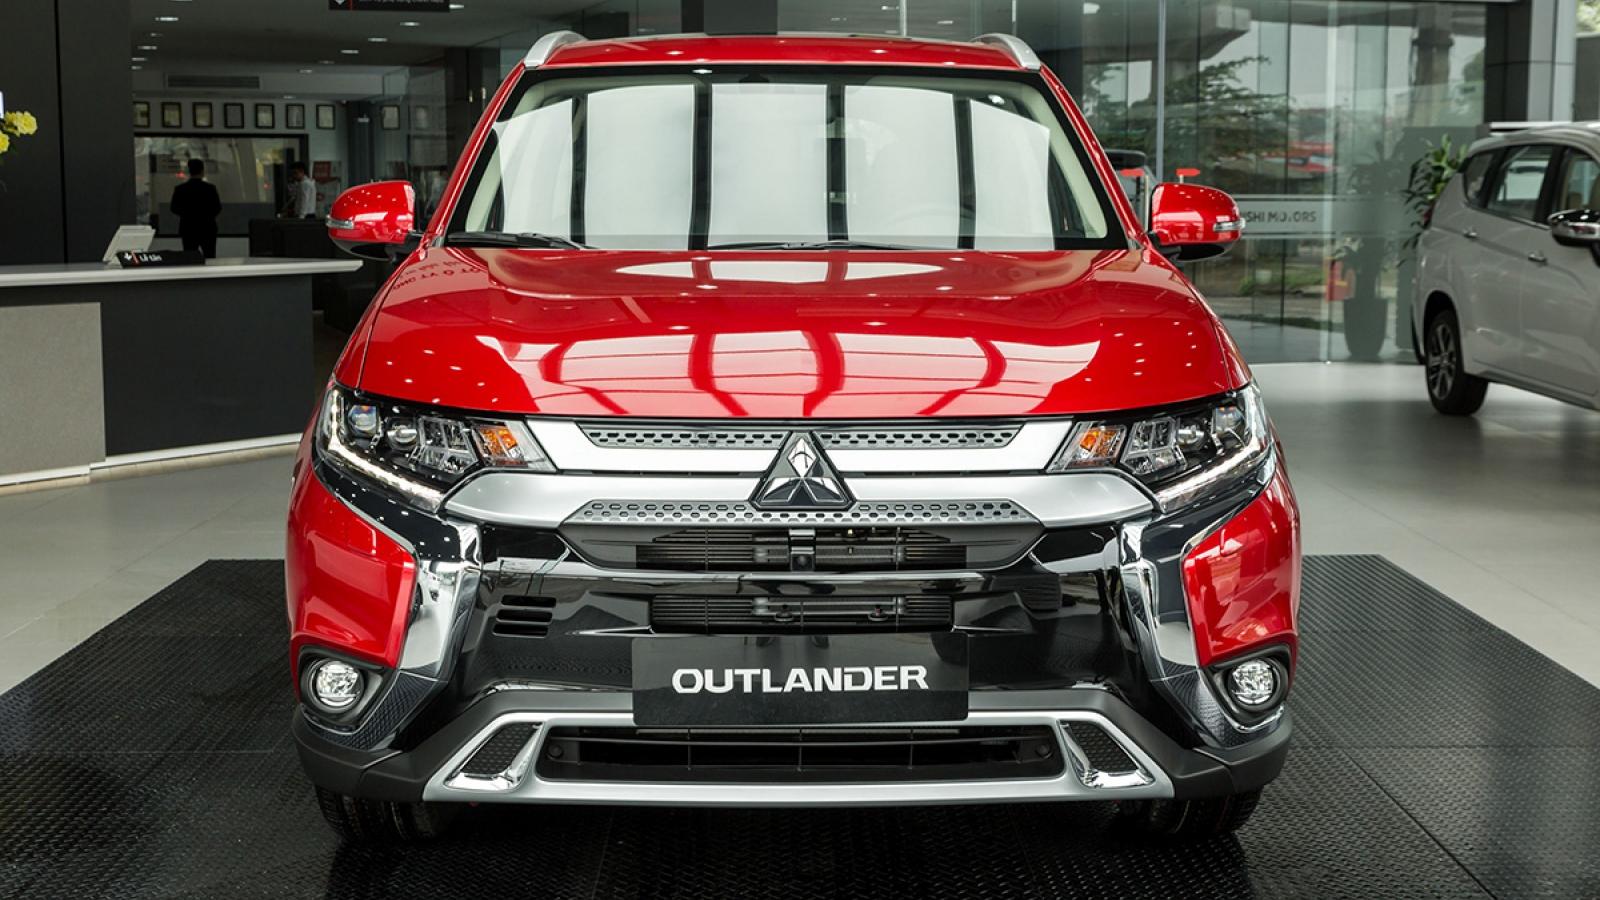 Cận cảnh Mitsubishi Outlander 2.4 CVT Premium 2020 giá hơn 1 tỷ đồng